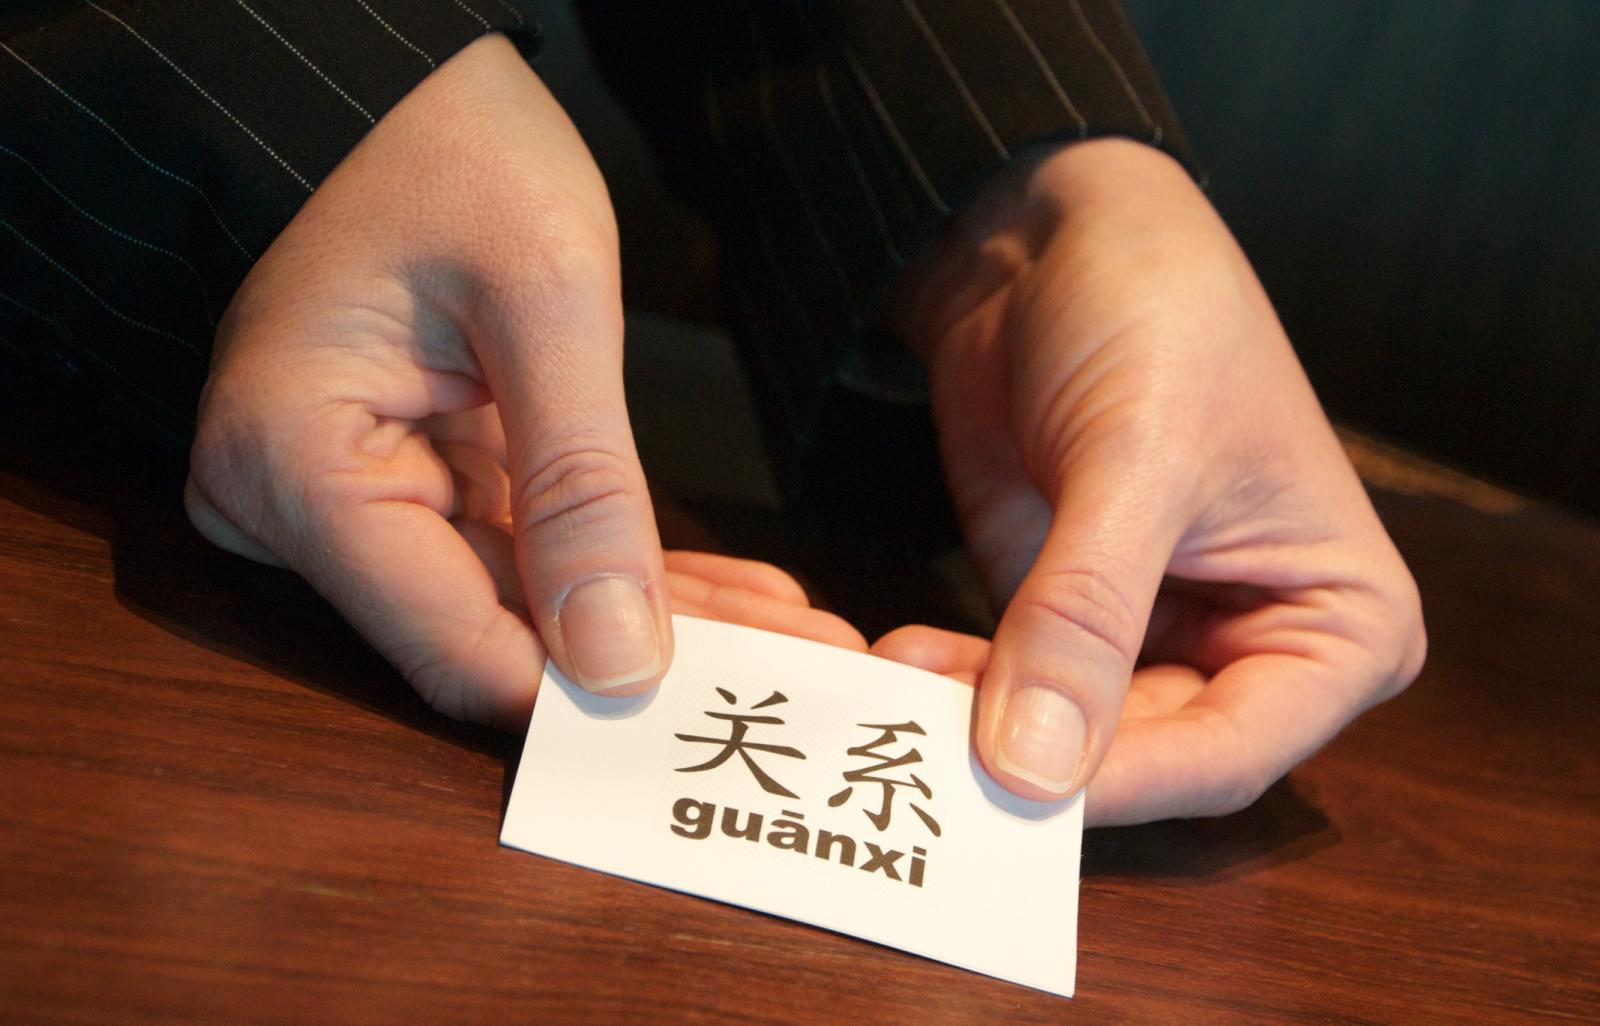 Гуаньси для бизнеса: правда и стереотипы